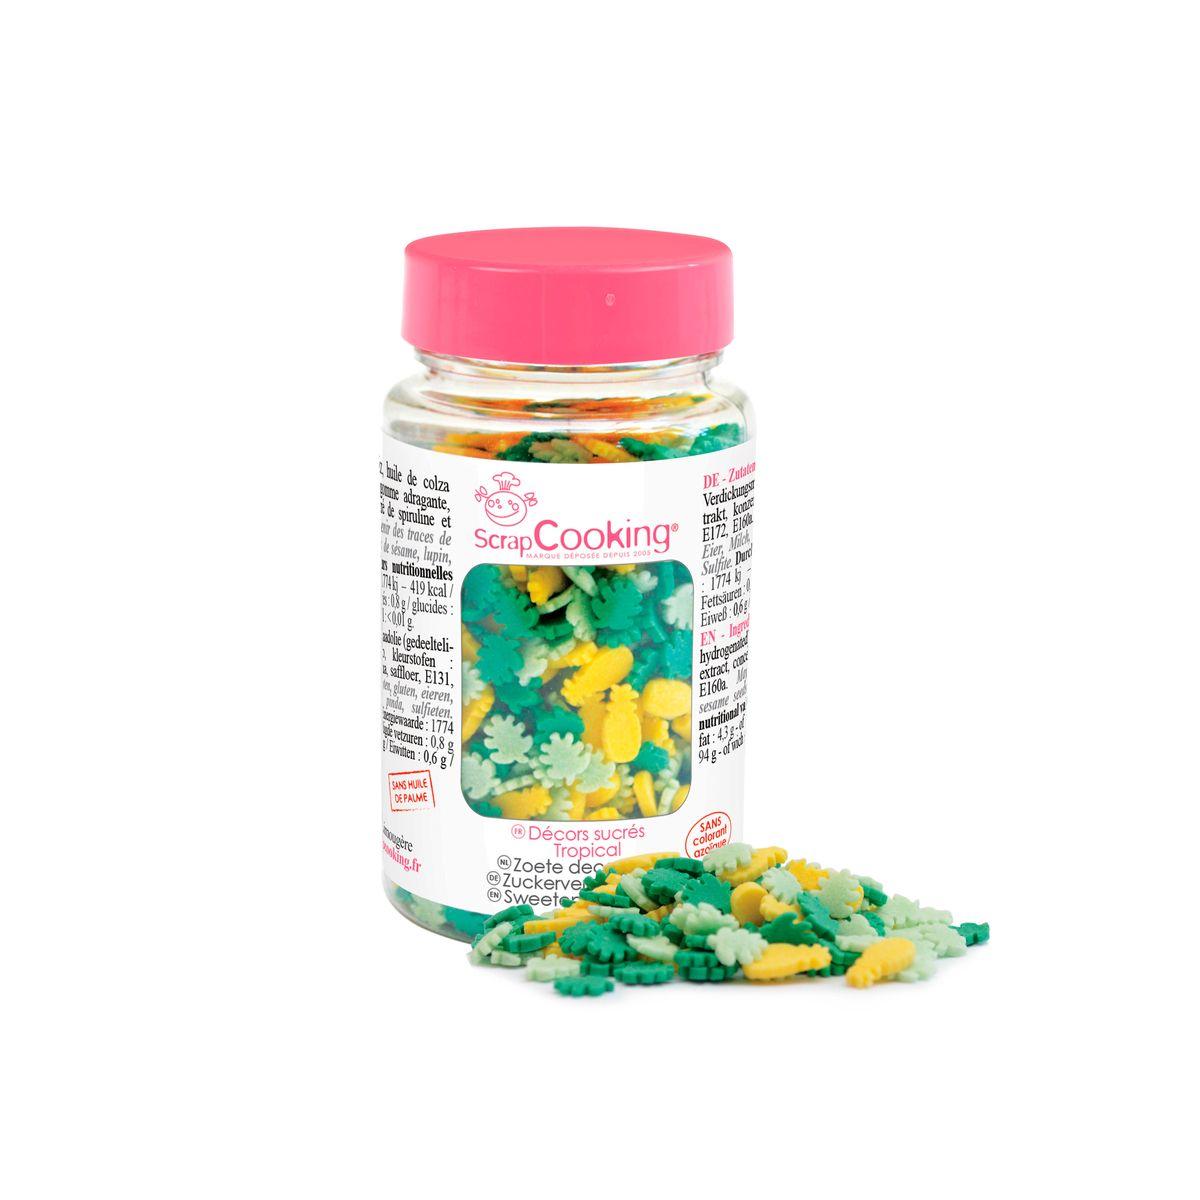 Pot de décors en sucre Tropical 55 gr - Scrapcooking